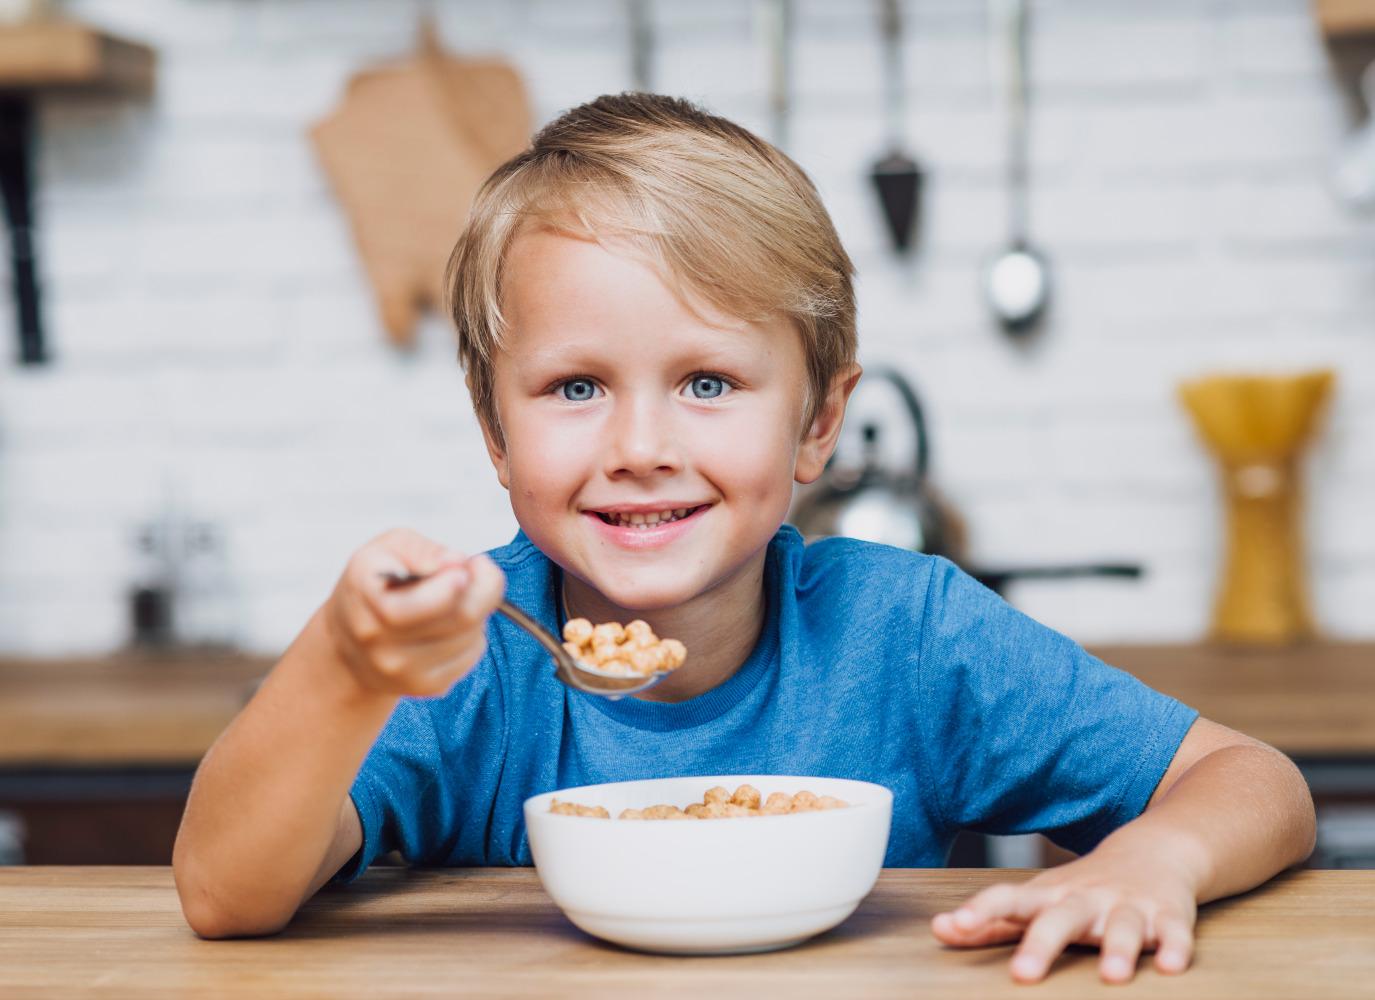 Dinh dưỡng cho bé 4 tuổi? Lời khuyên cho mẹ nếu bé biếng ăn